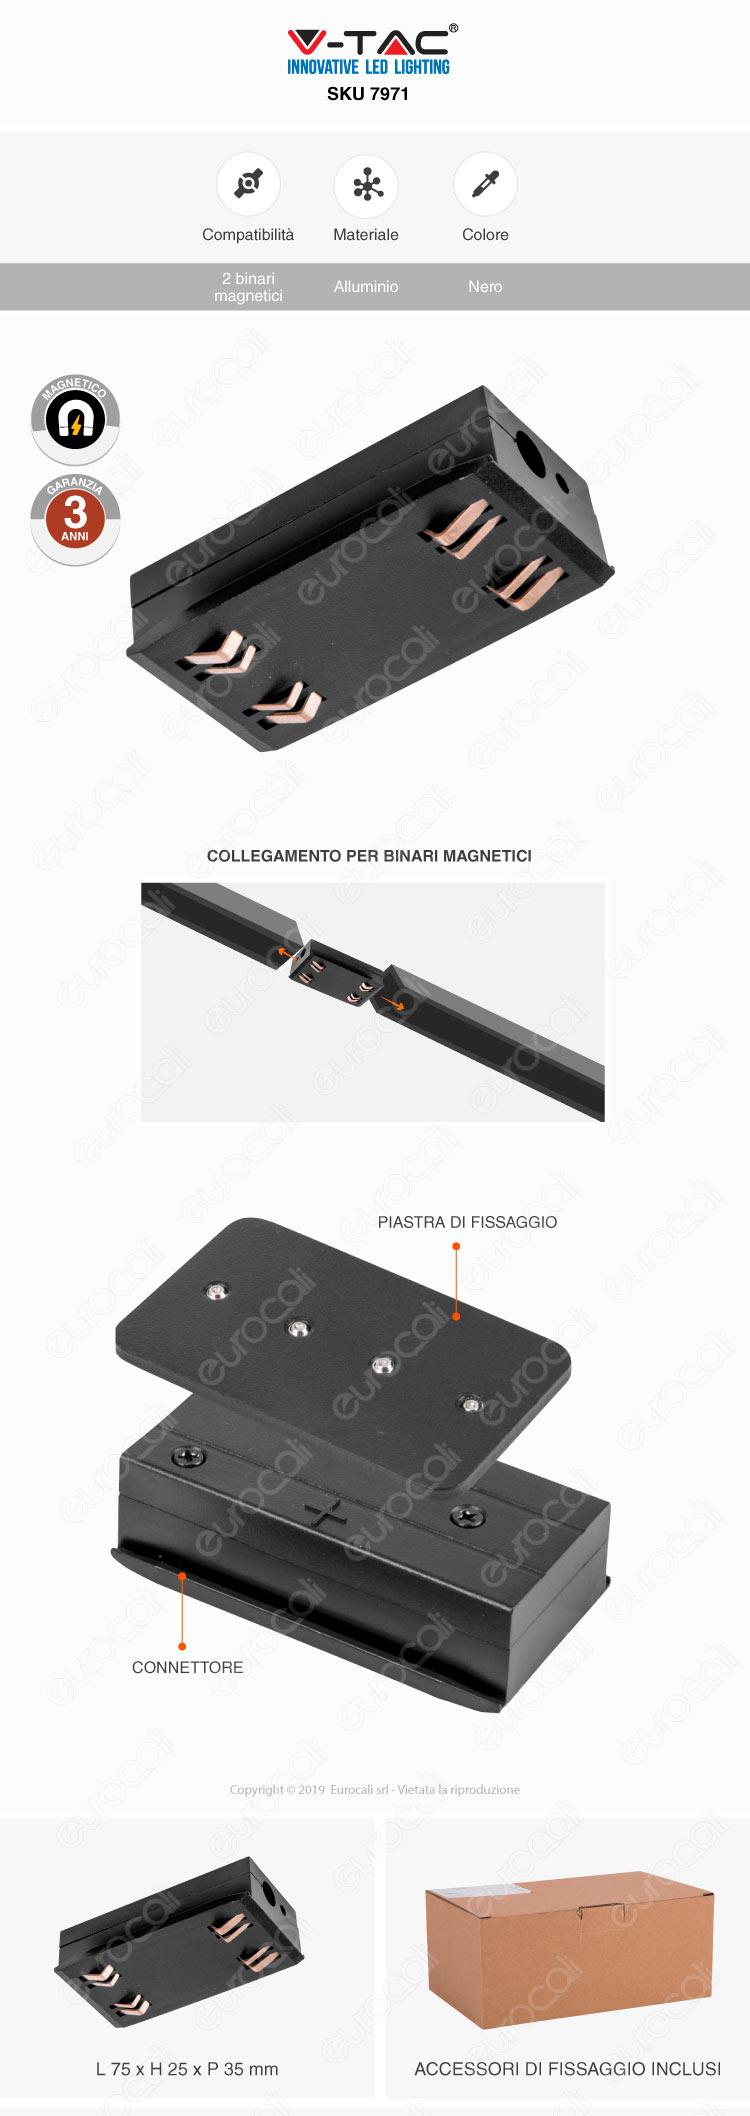 V-Tac Power & Track Connector